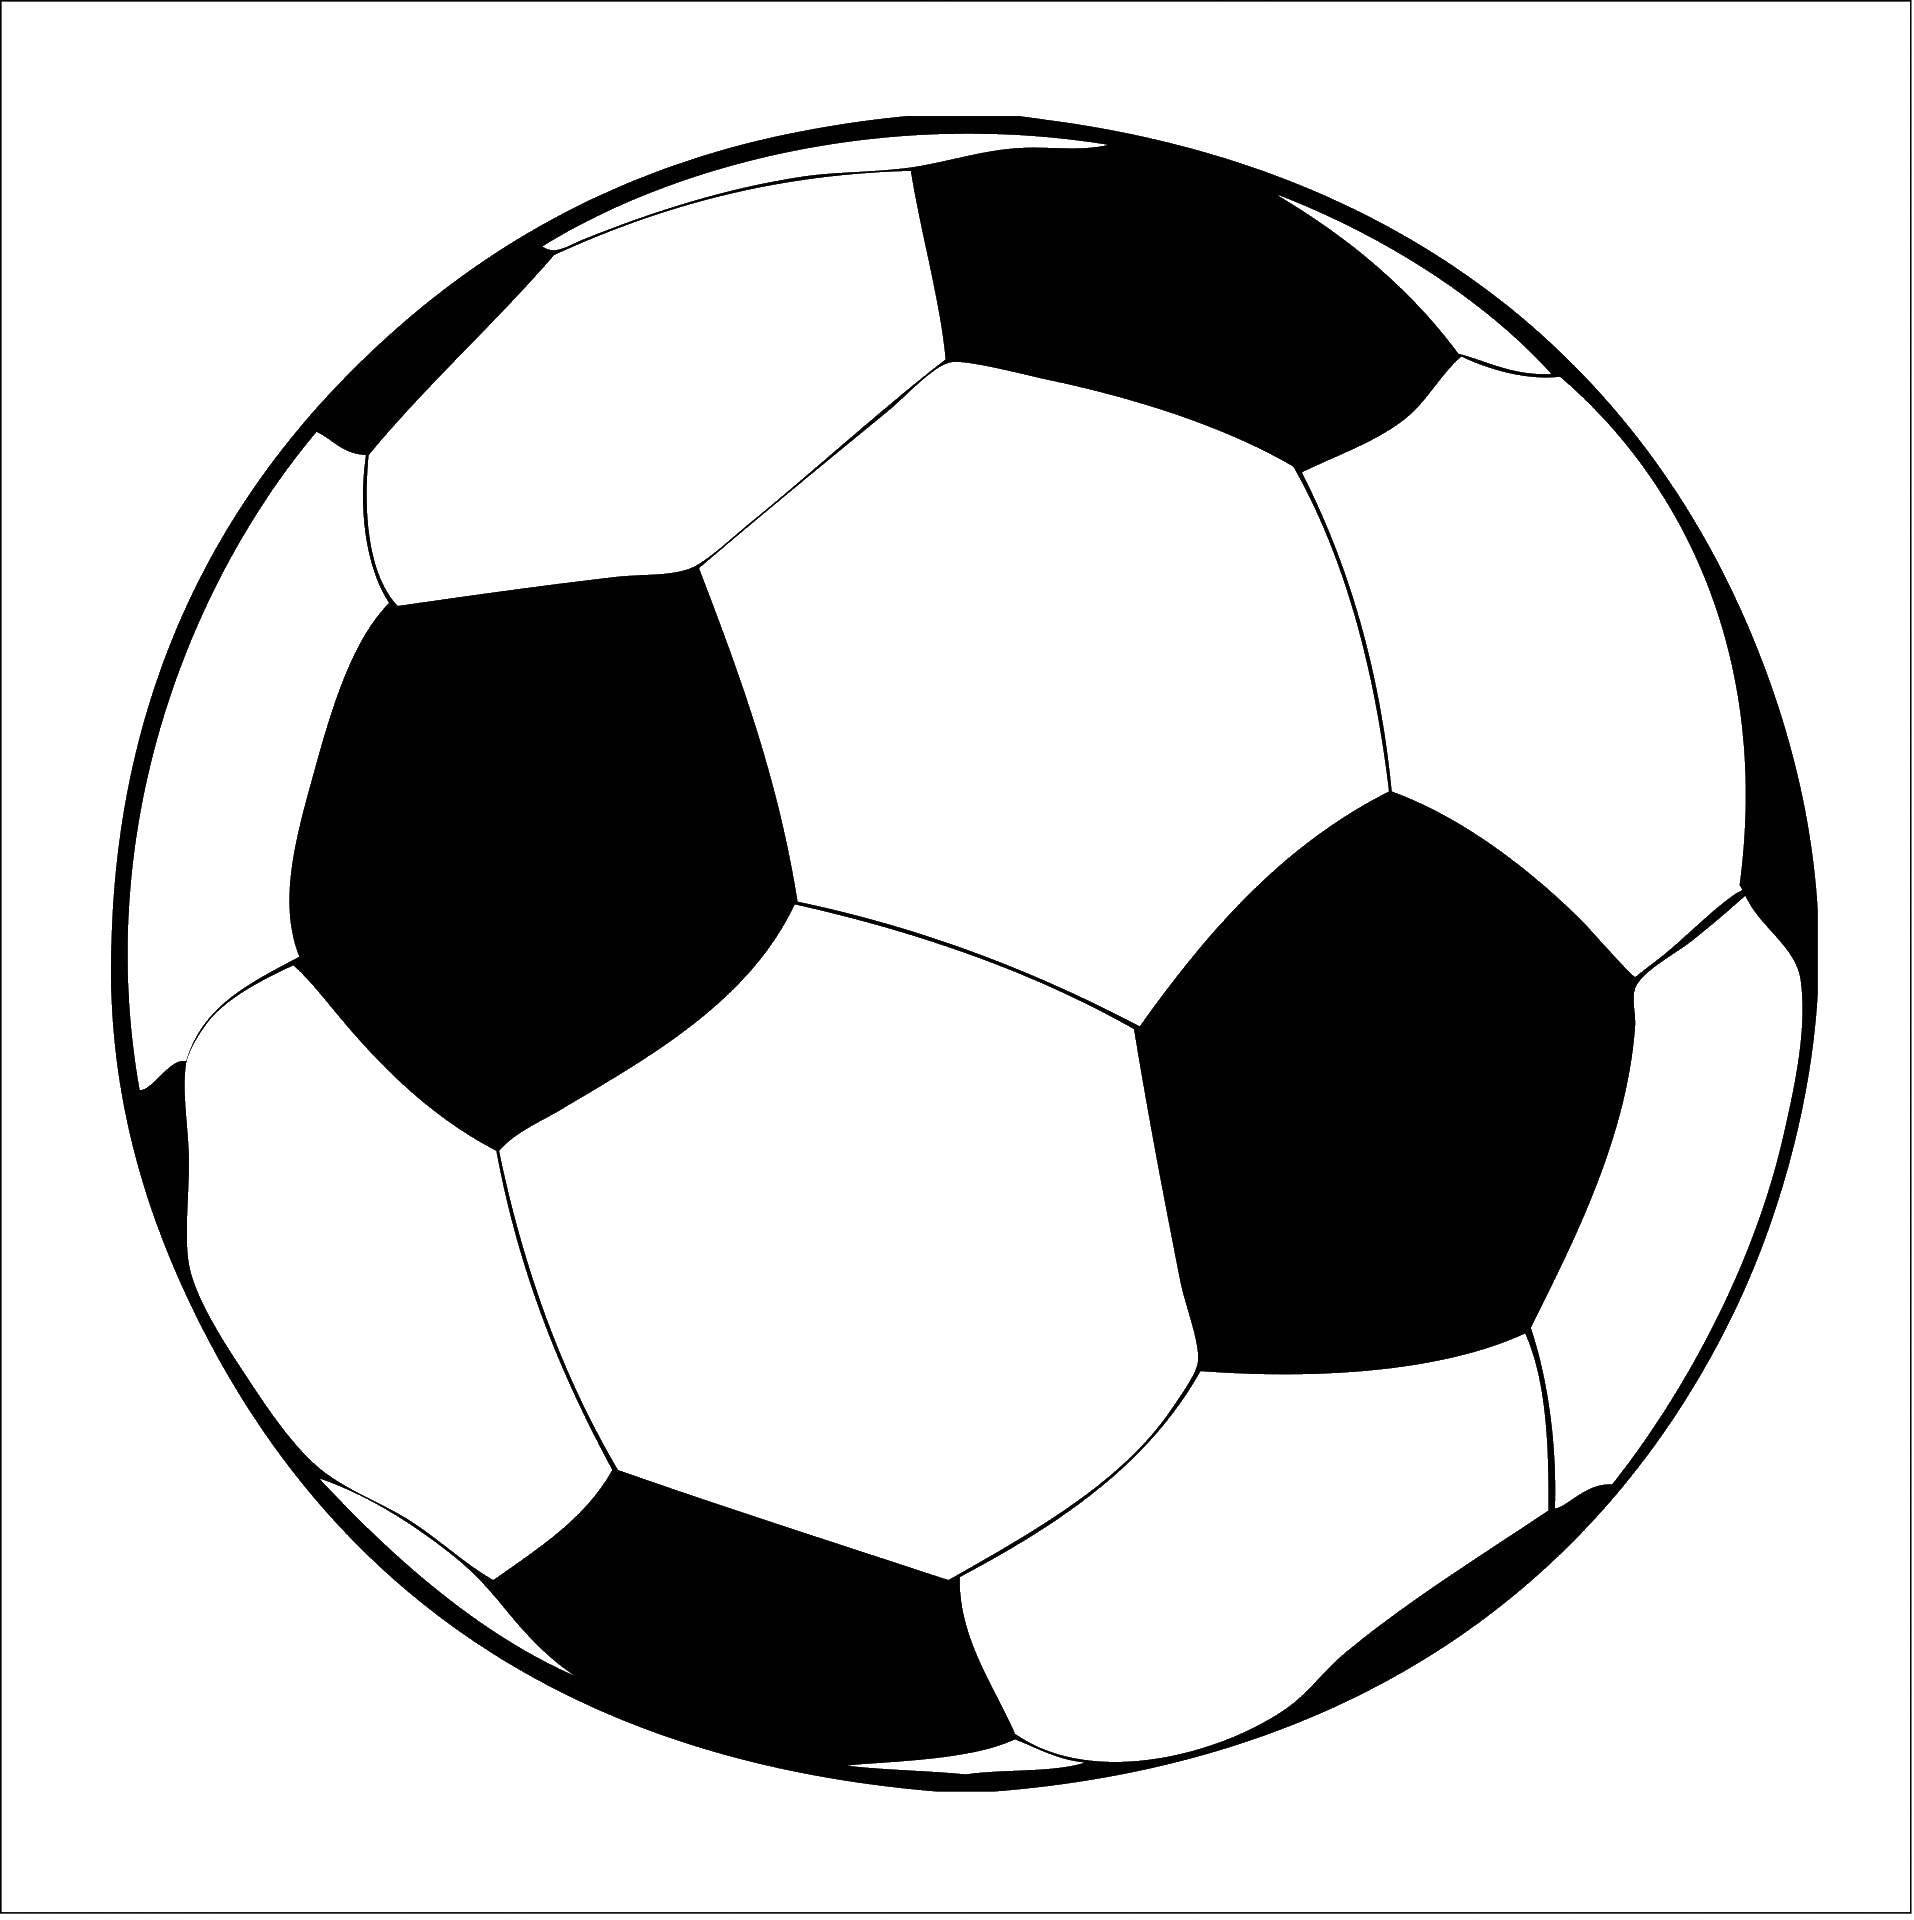 Раскраска Футбольный мяч Скачать спорт, мяч.  Распечатать ,спорт,